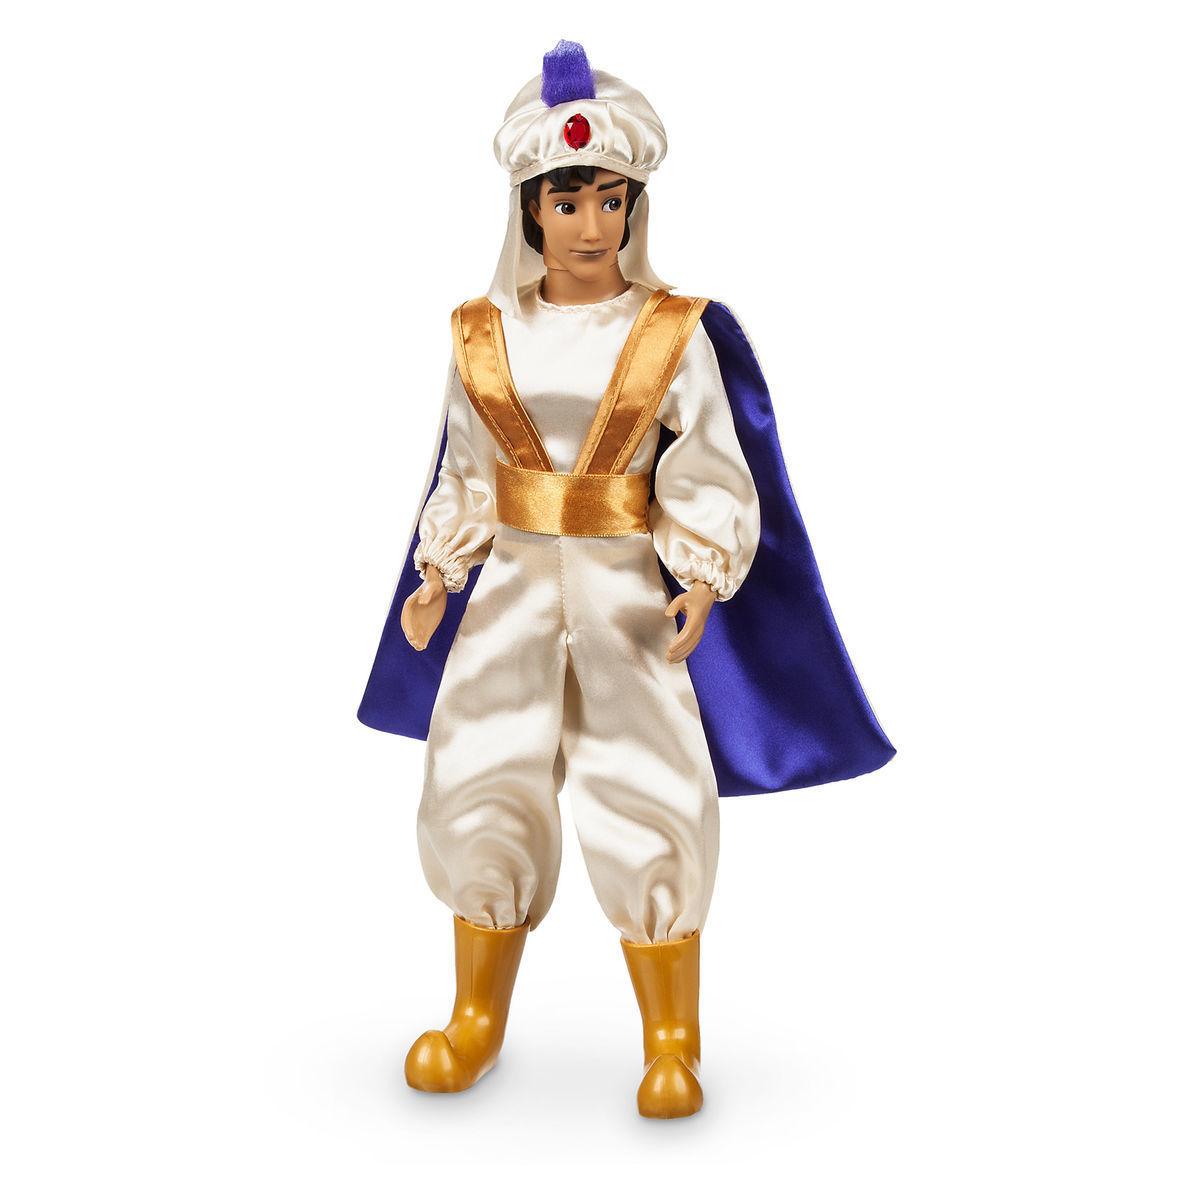 Кукла Алладин в костюме - Disney Classic Doll